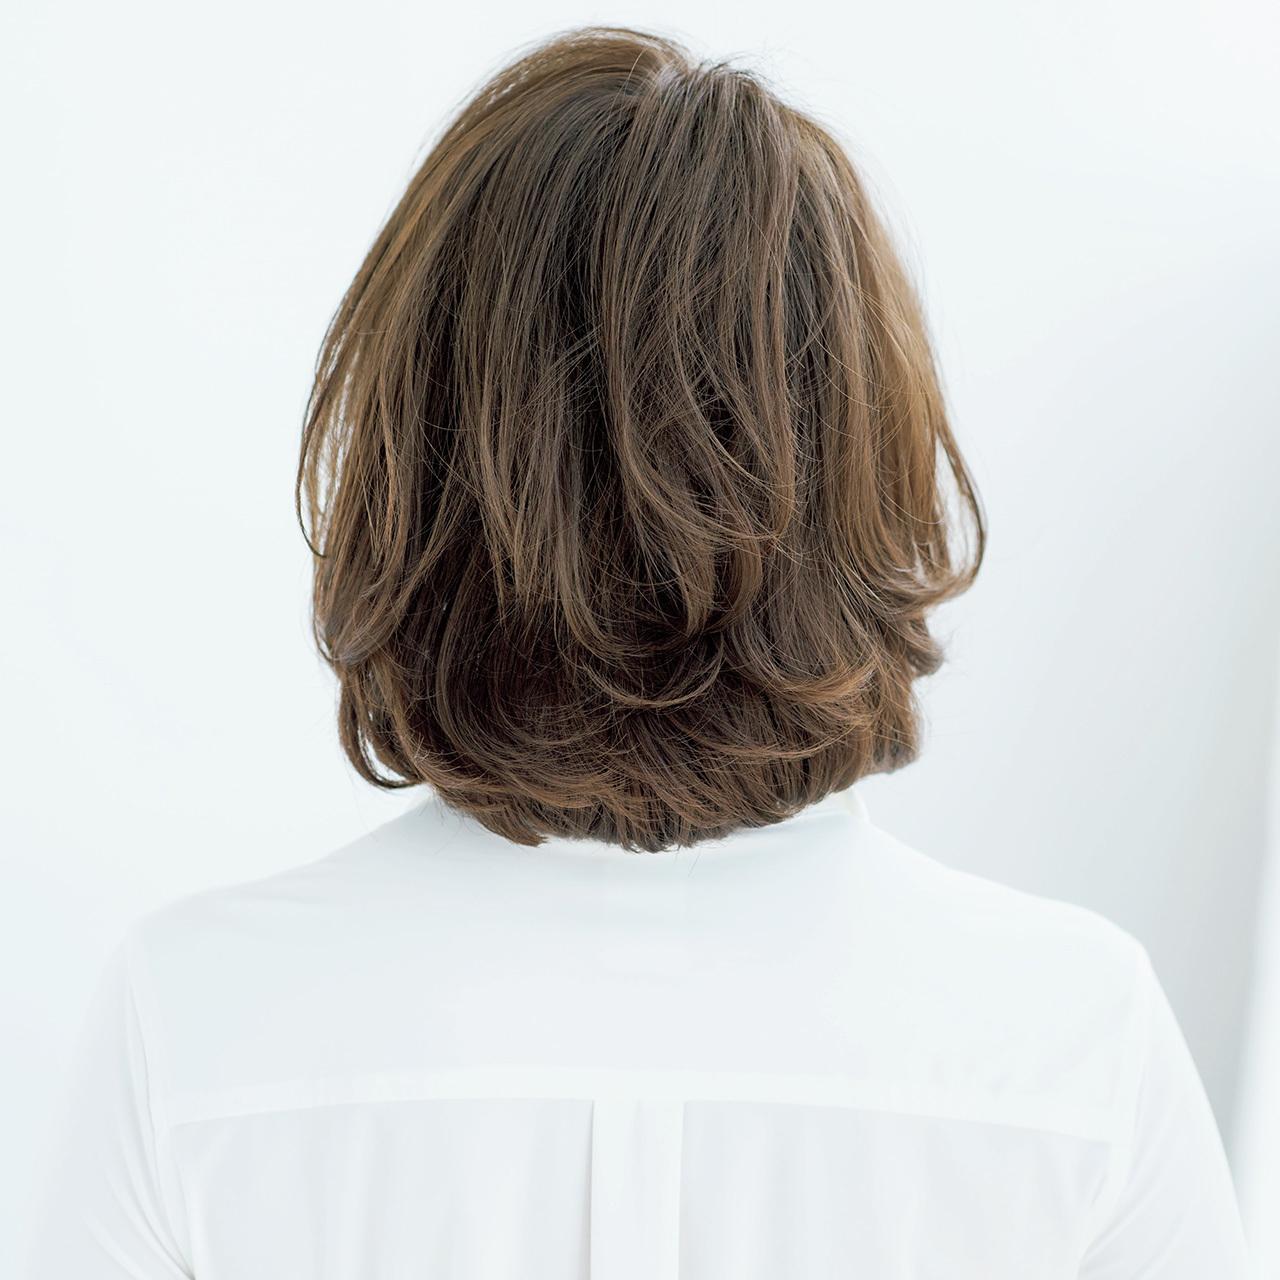 おしゃれに見える大人のヘアスタイル photo gallery_1_1-22